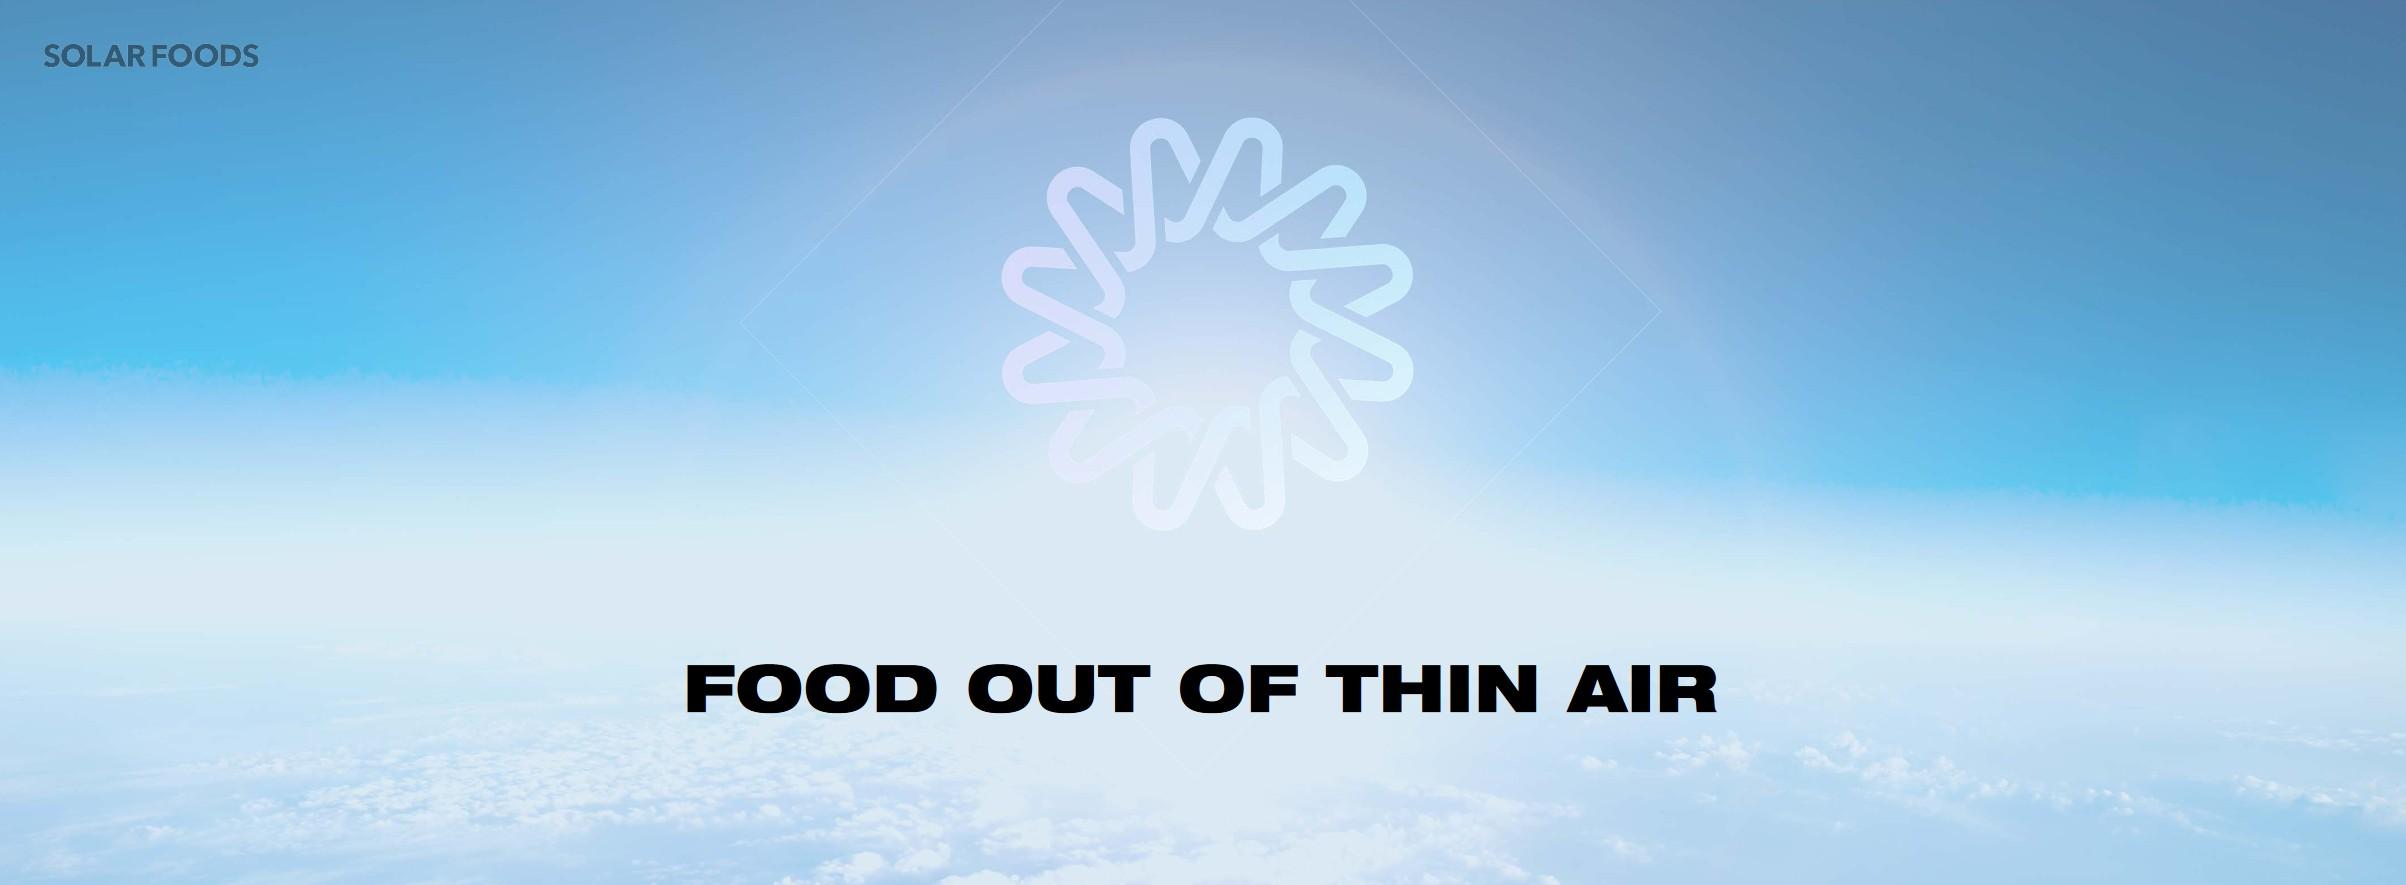 """Solar Foods möchte was aus """"dünner Luft"""" machen. (Foto: Solar Foods)"""